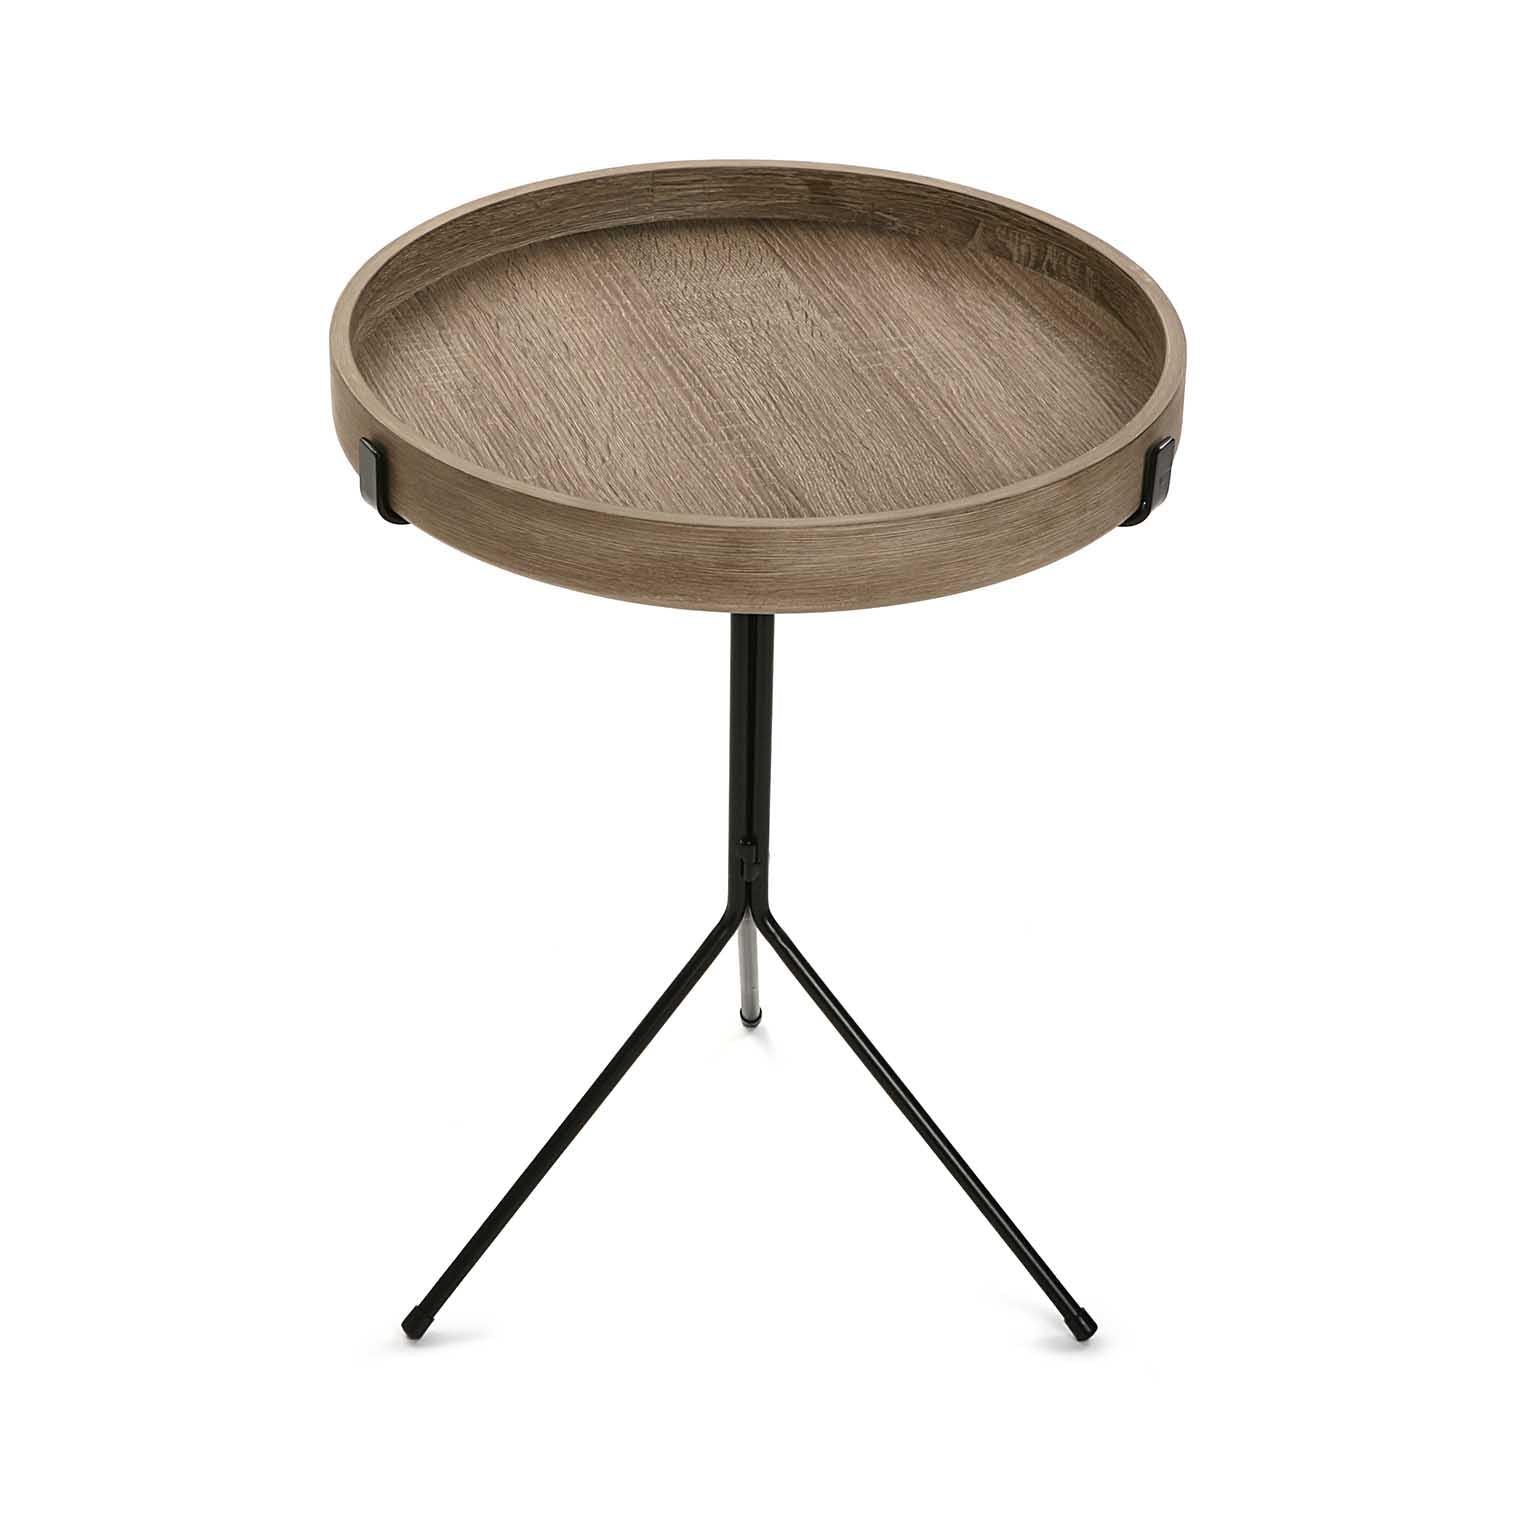 Bout de canapé / Table de chevet plateau rond en bois et pied central en métal noir D40xH50cm